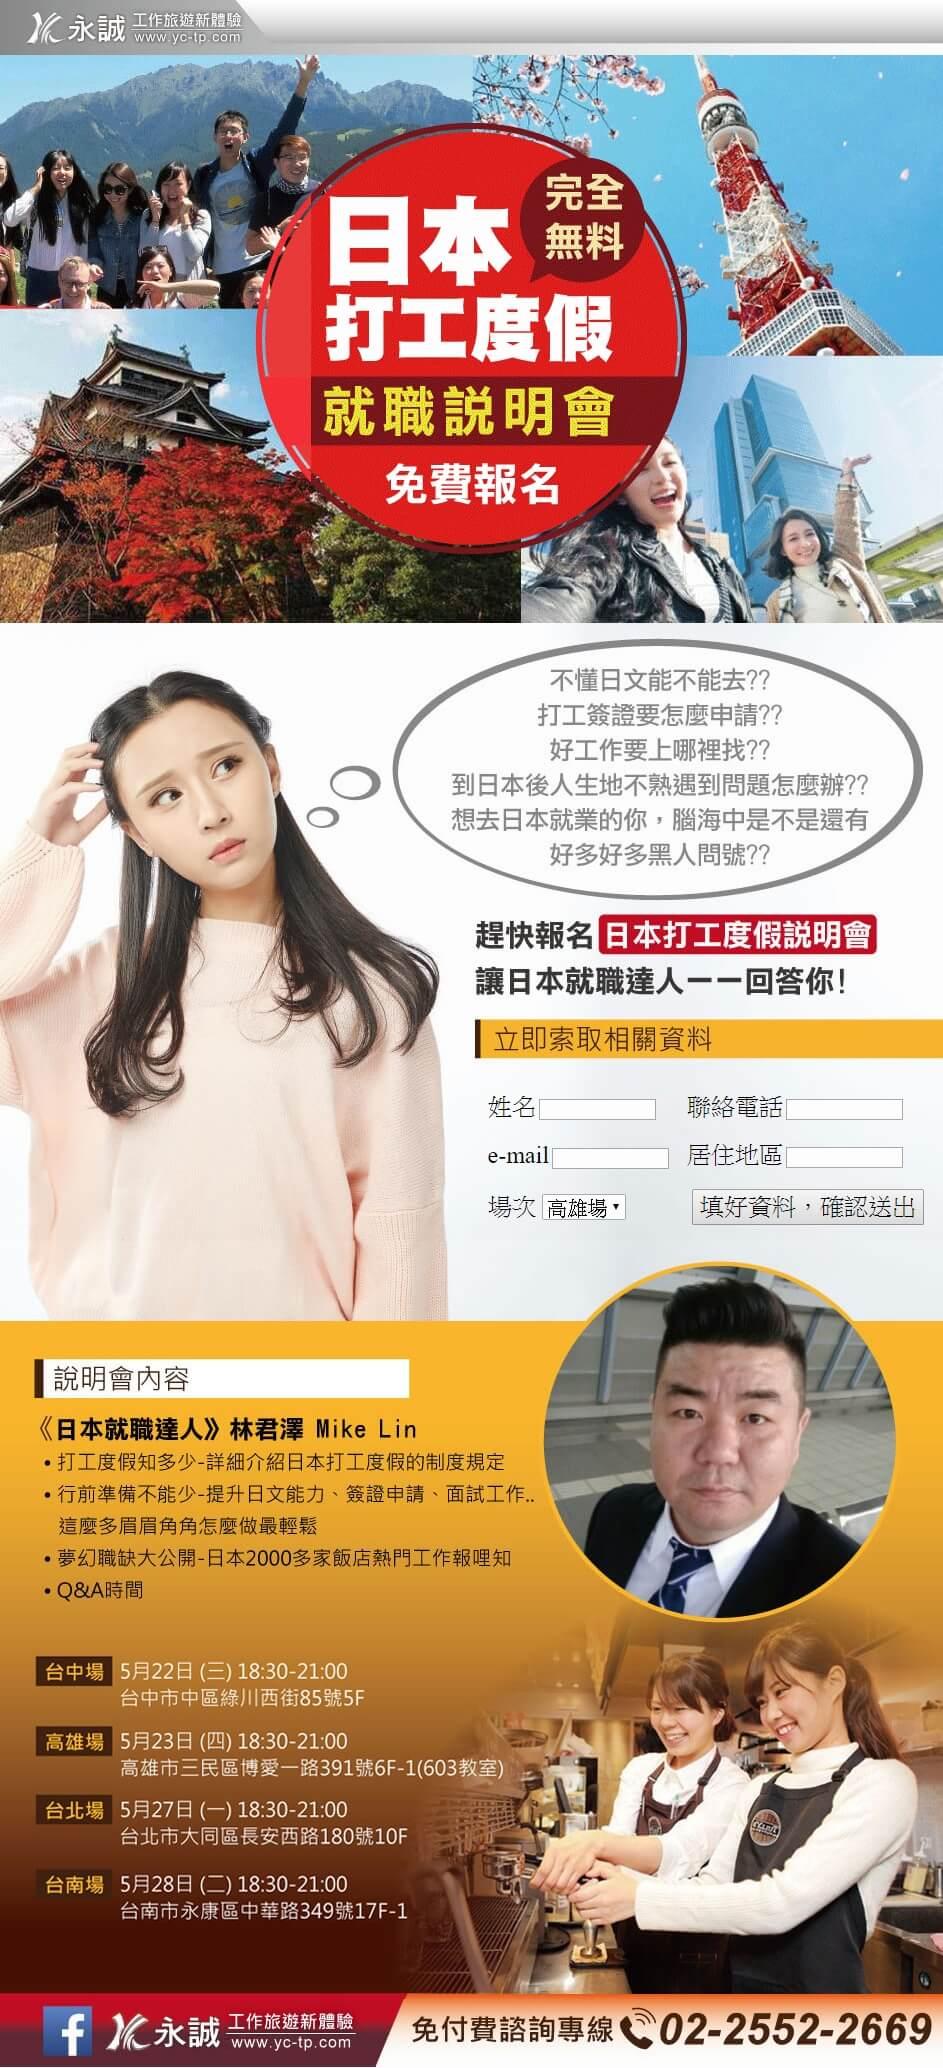 【國際餐旅證照】日本打工度假、就職說明會